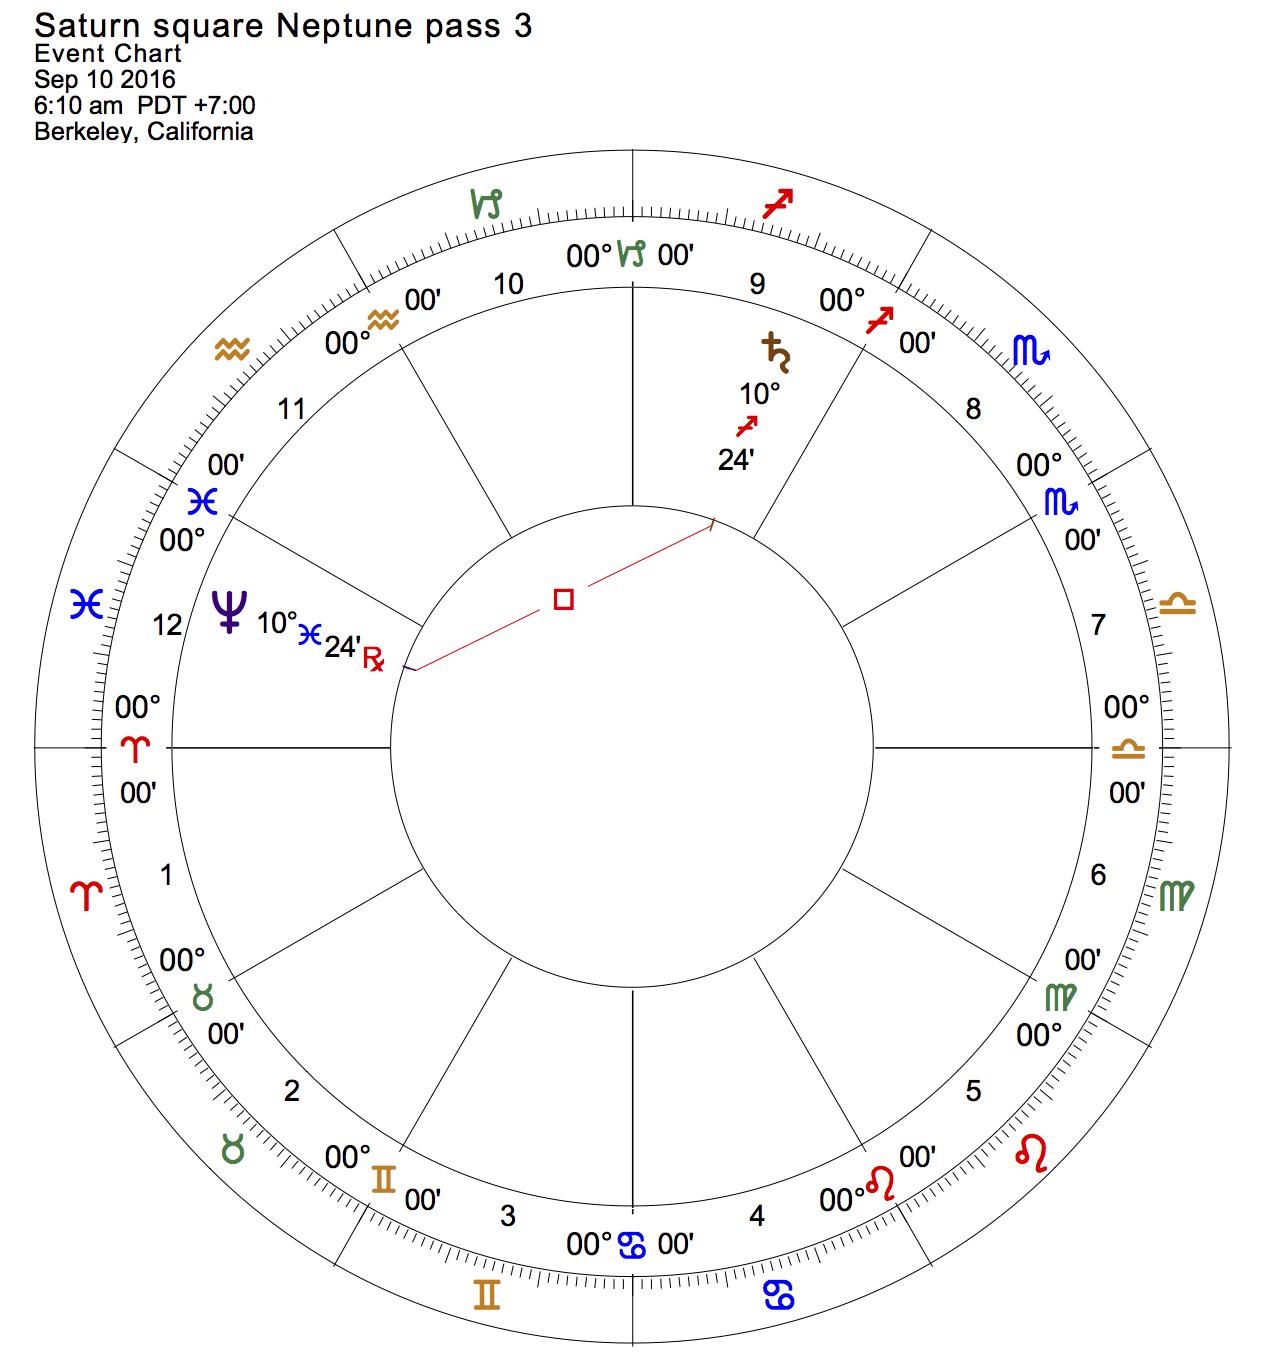 Saturn square Neptune, pass 3